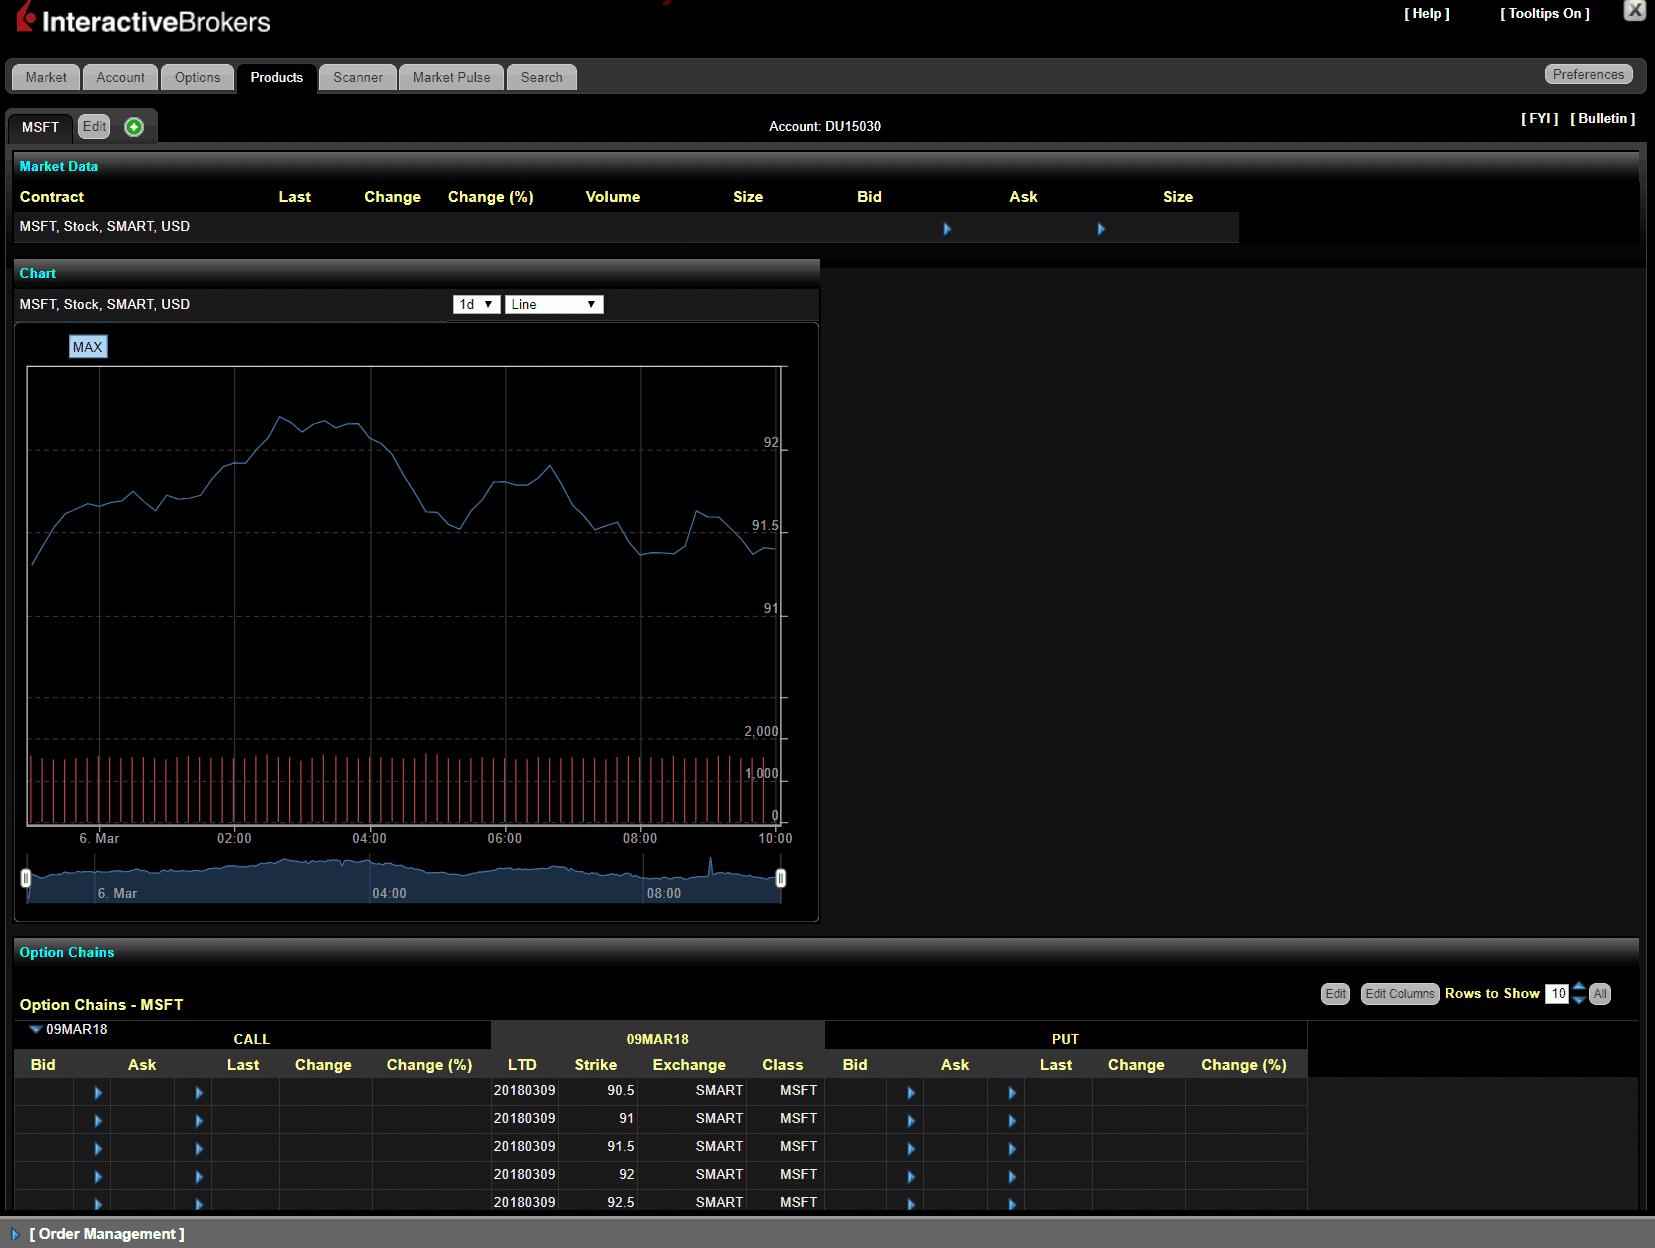 Interactive Brokers Web